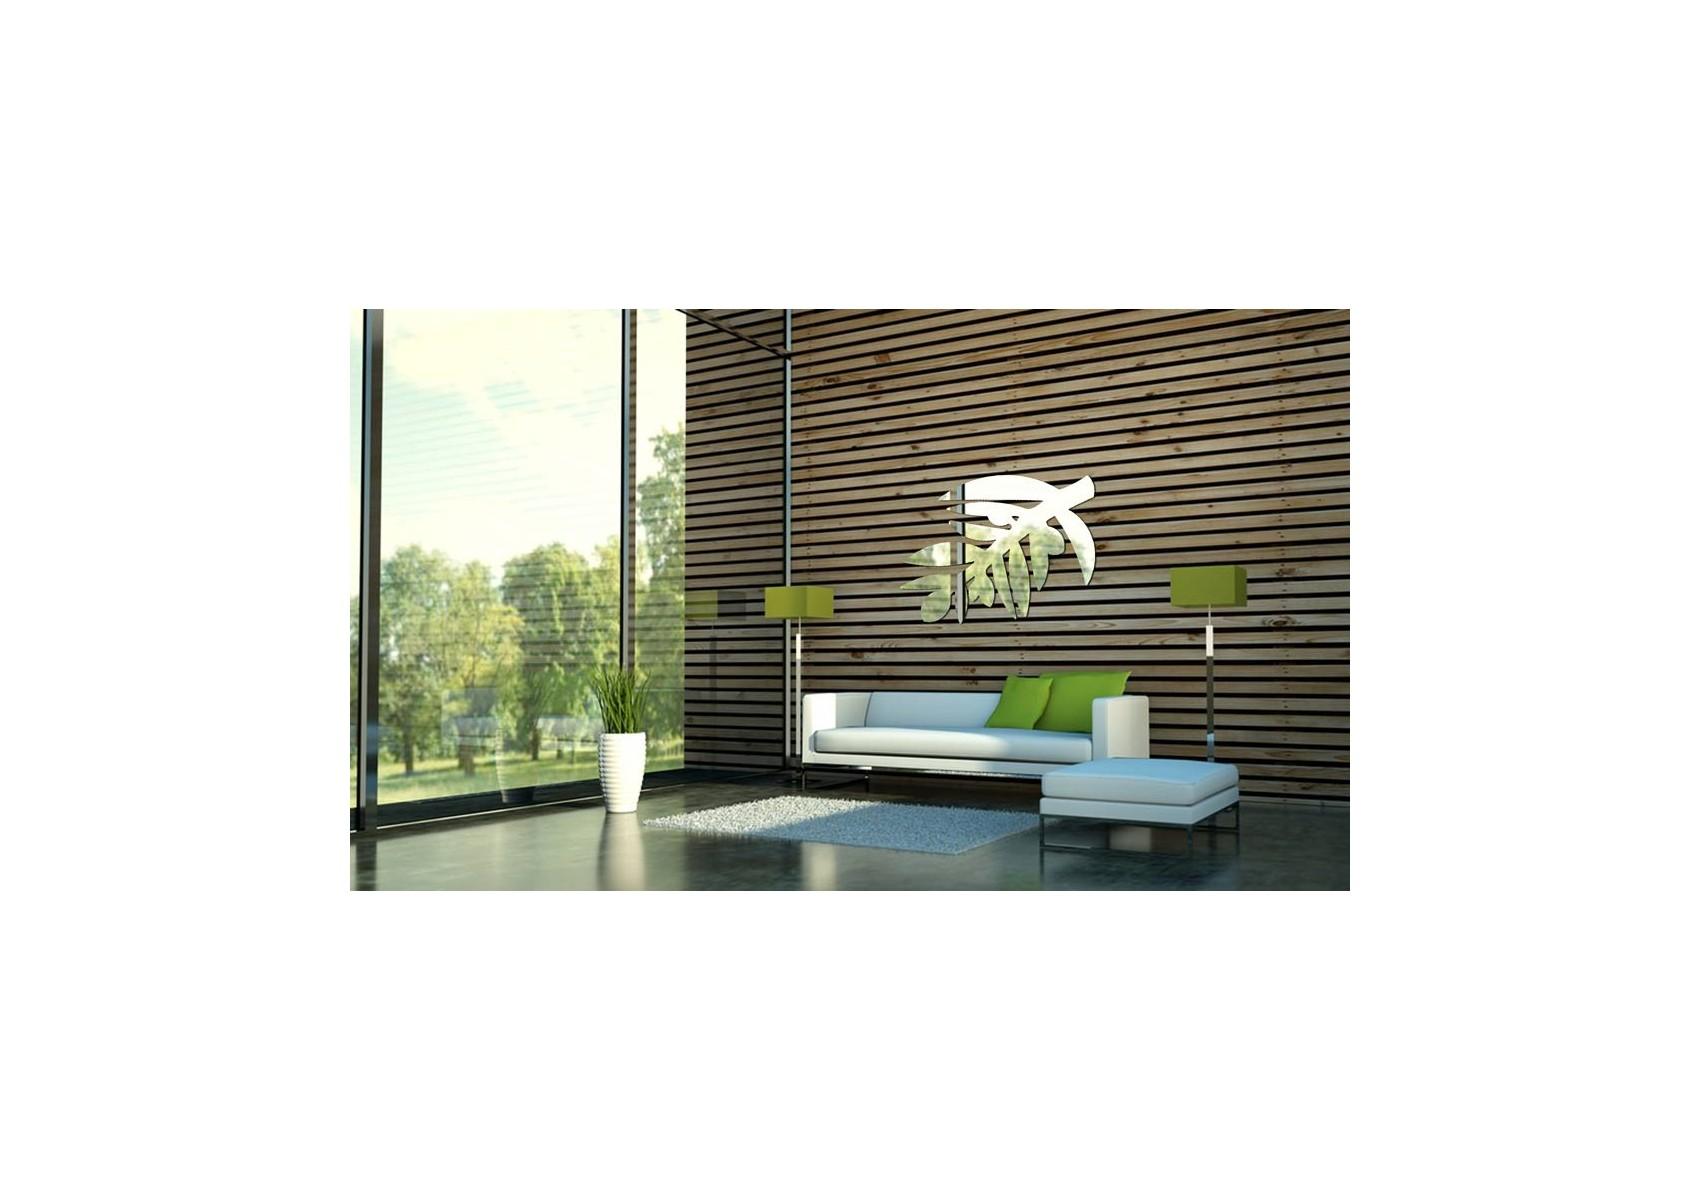 olivier deco jardin villeurbanne 21. Black Bedroom Furniture Sets. Home Design Ideas